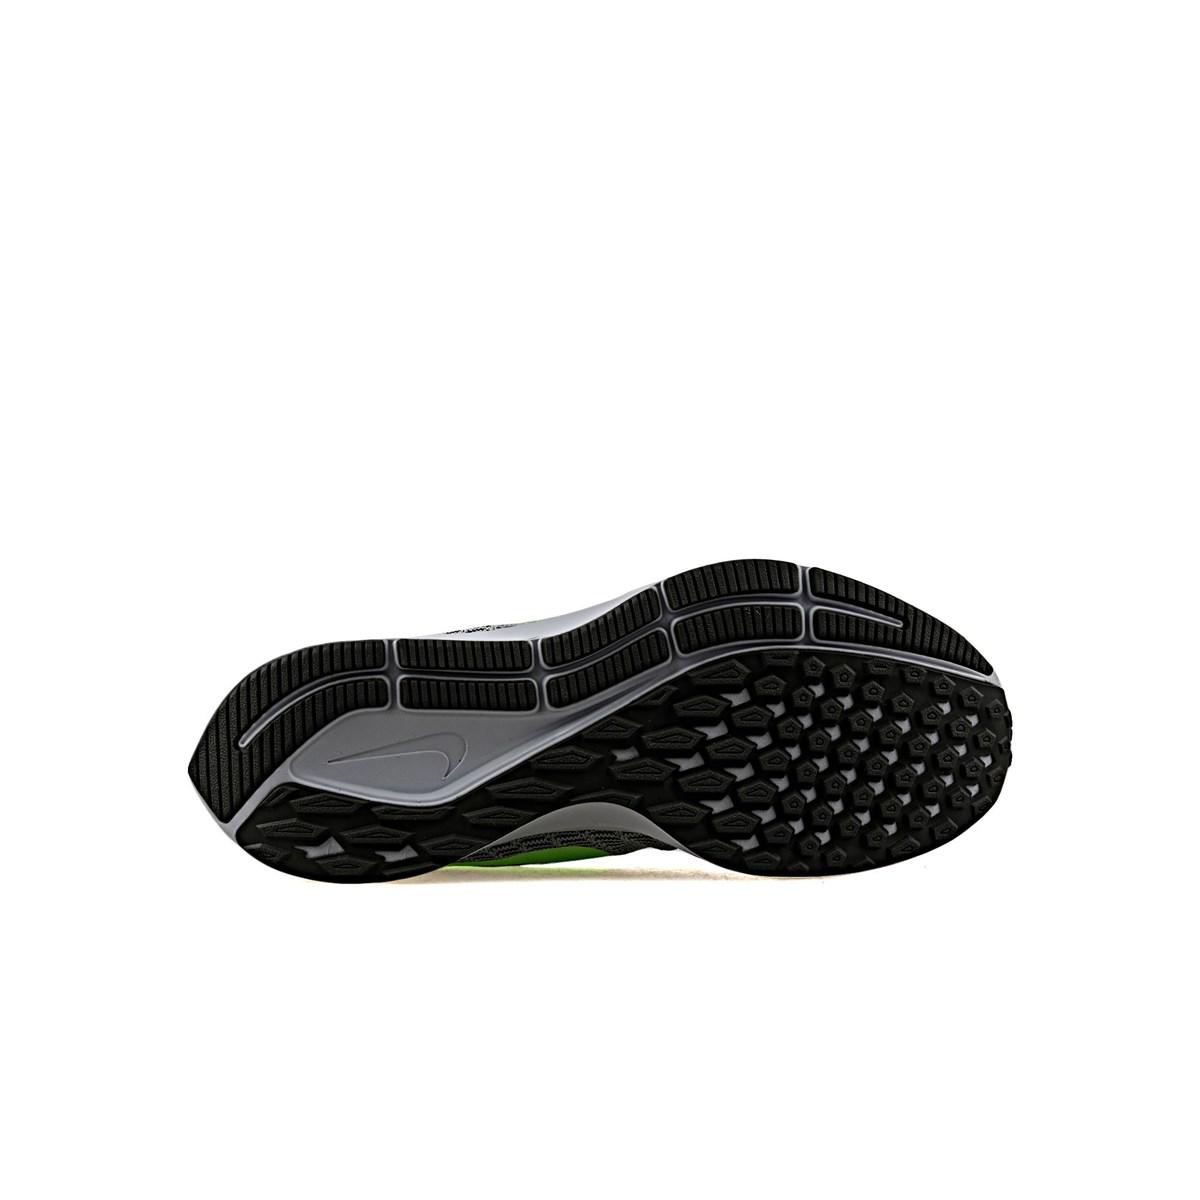 Air Zoom Pegasus 35 Gri Koşu Ayakkabısı (AH3482-003)